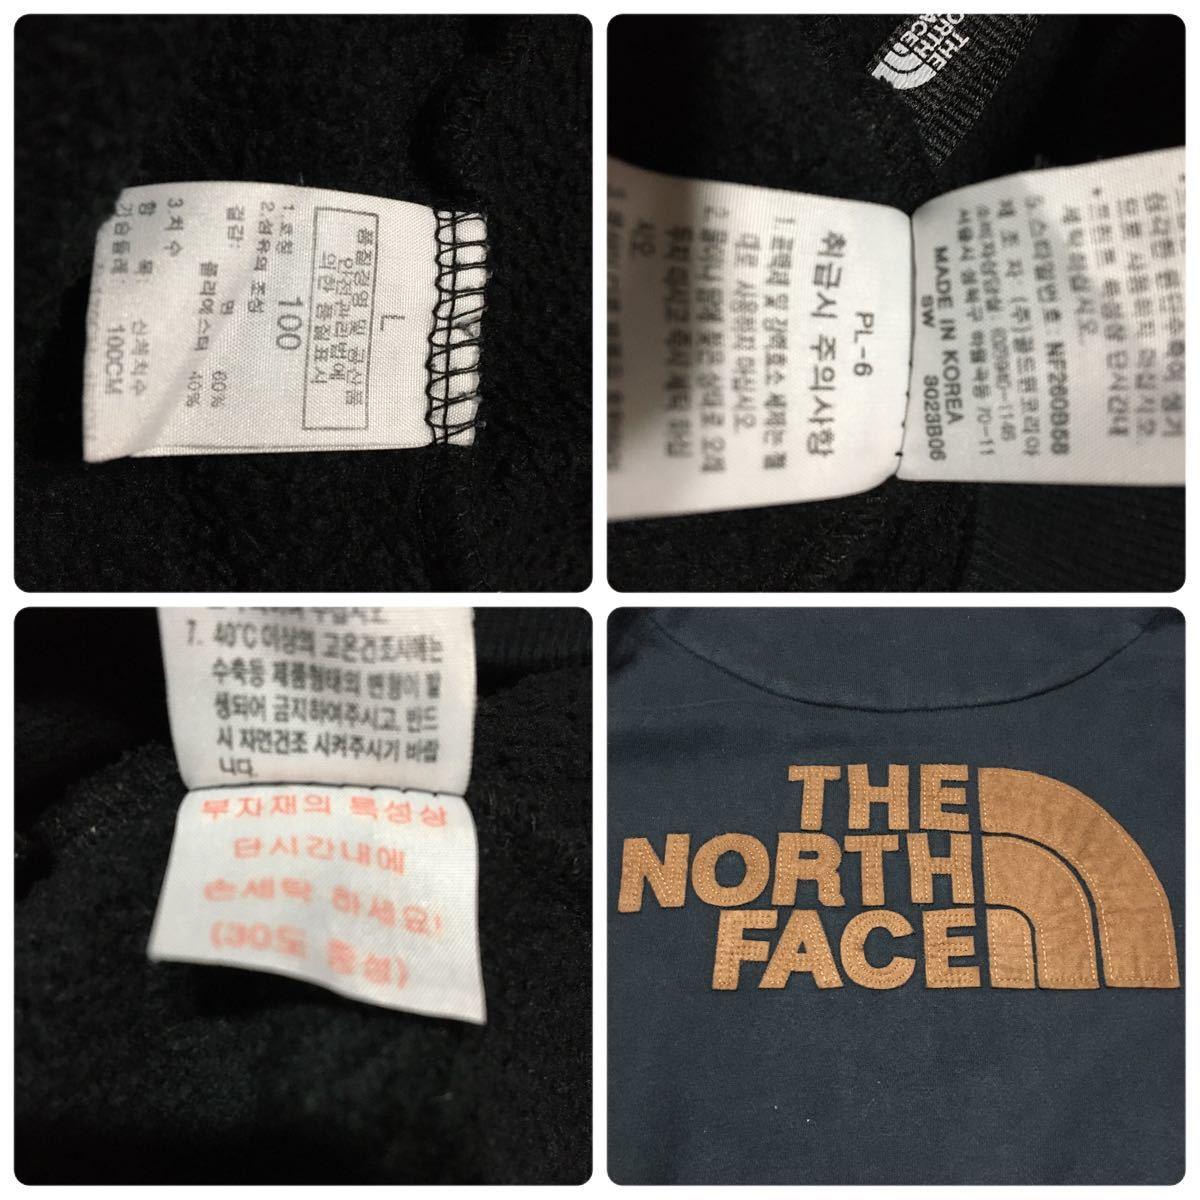 THE NORTH FACE ザノースフェイス パーカー メンズ レディース